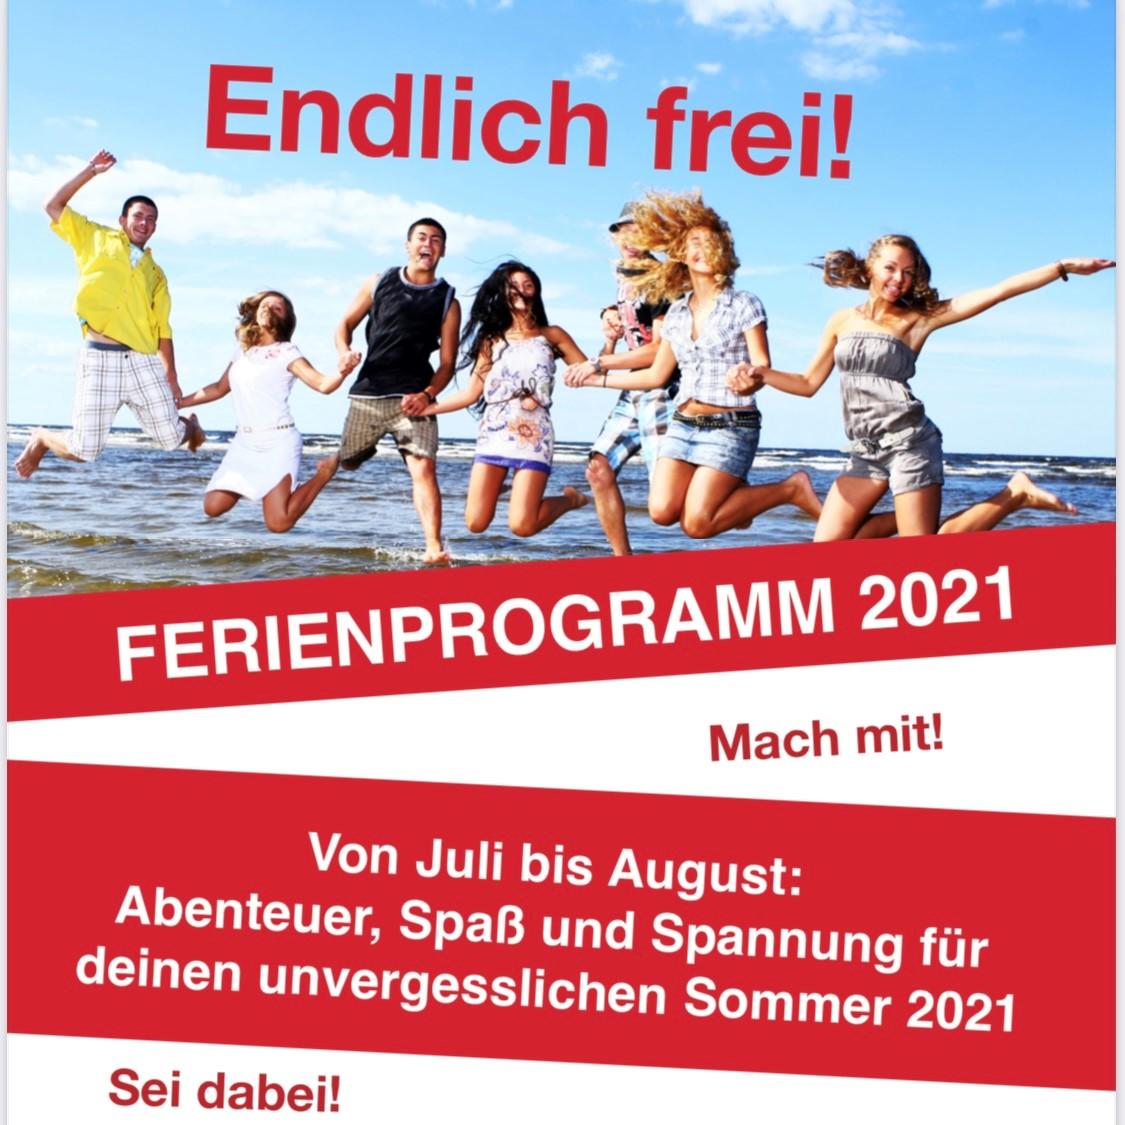 Ferien-1 Sommerferienprogramme unserer Jugendfreizeitheime